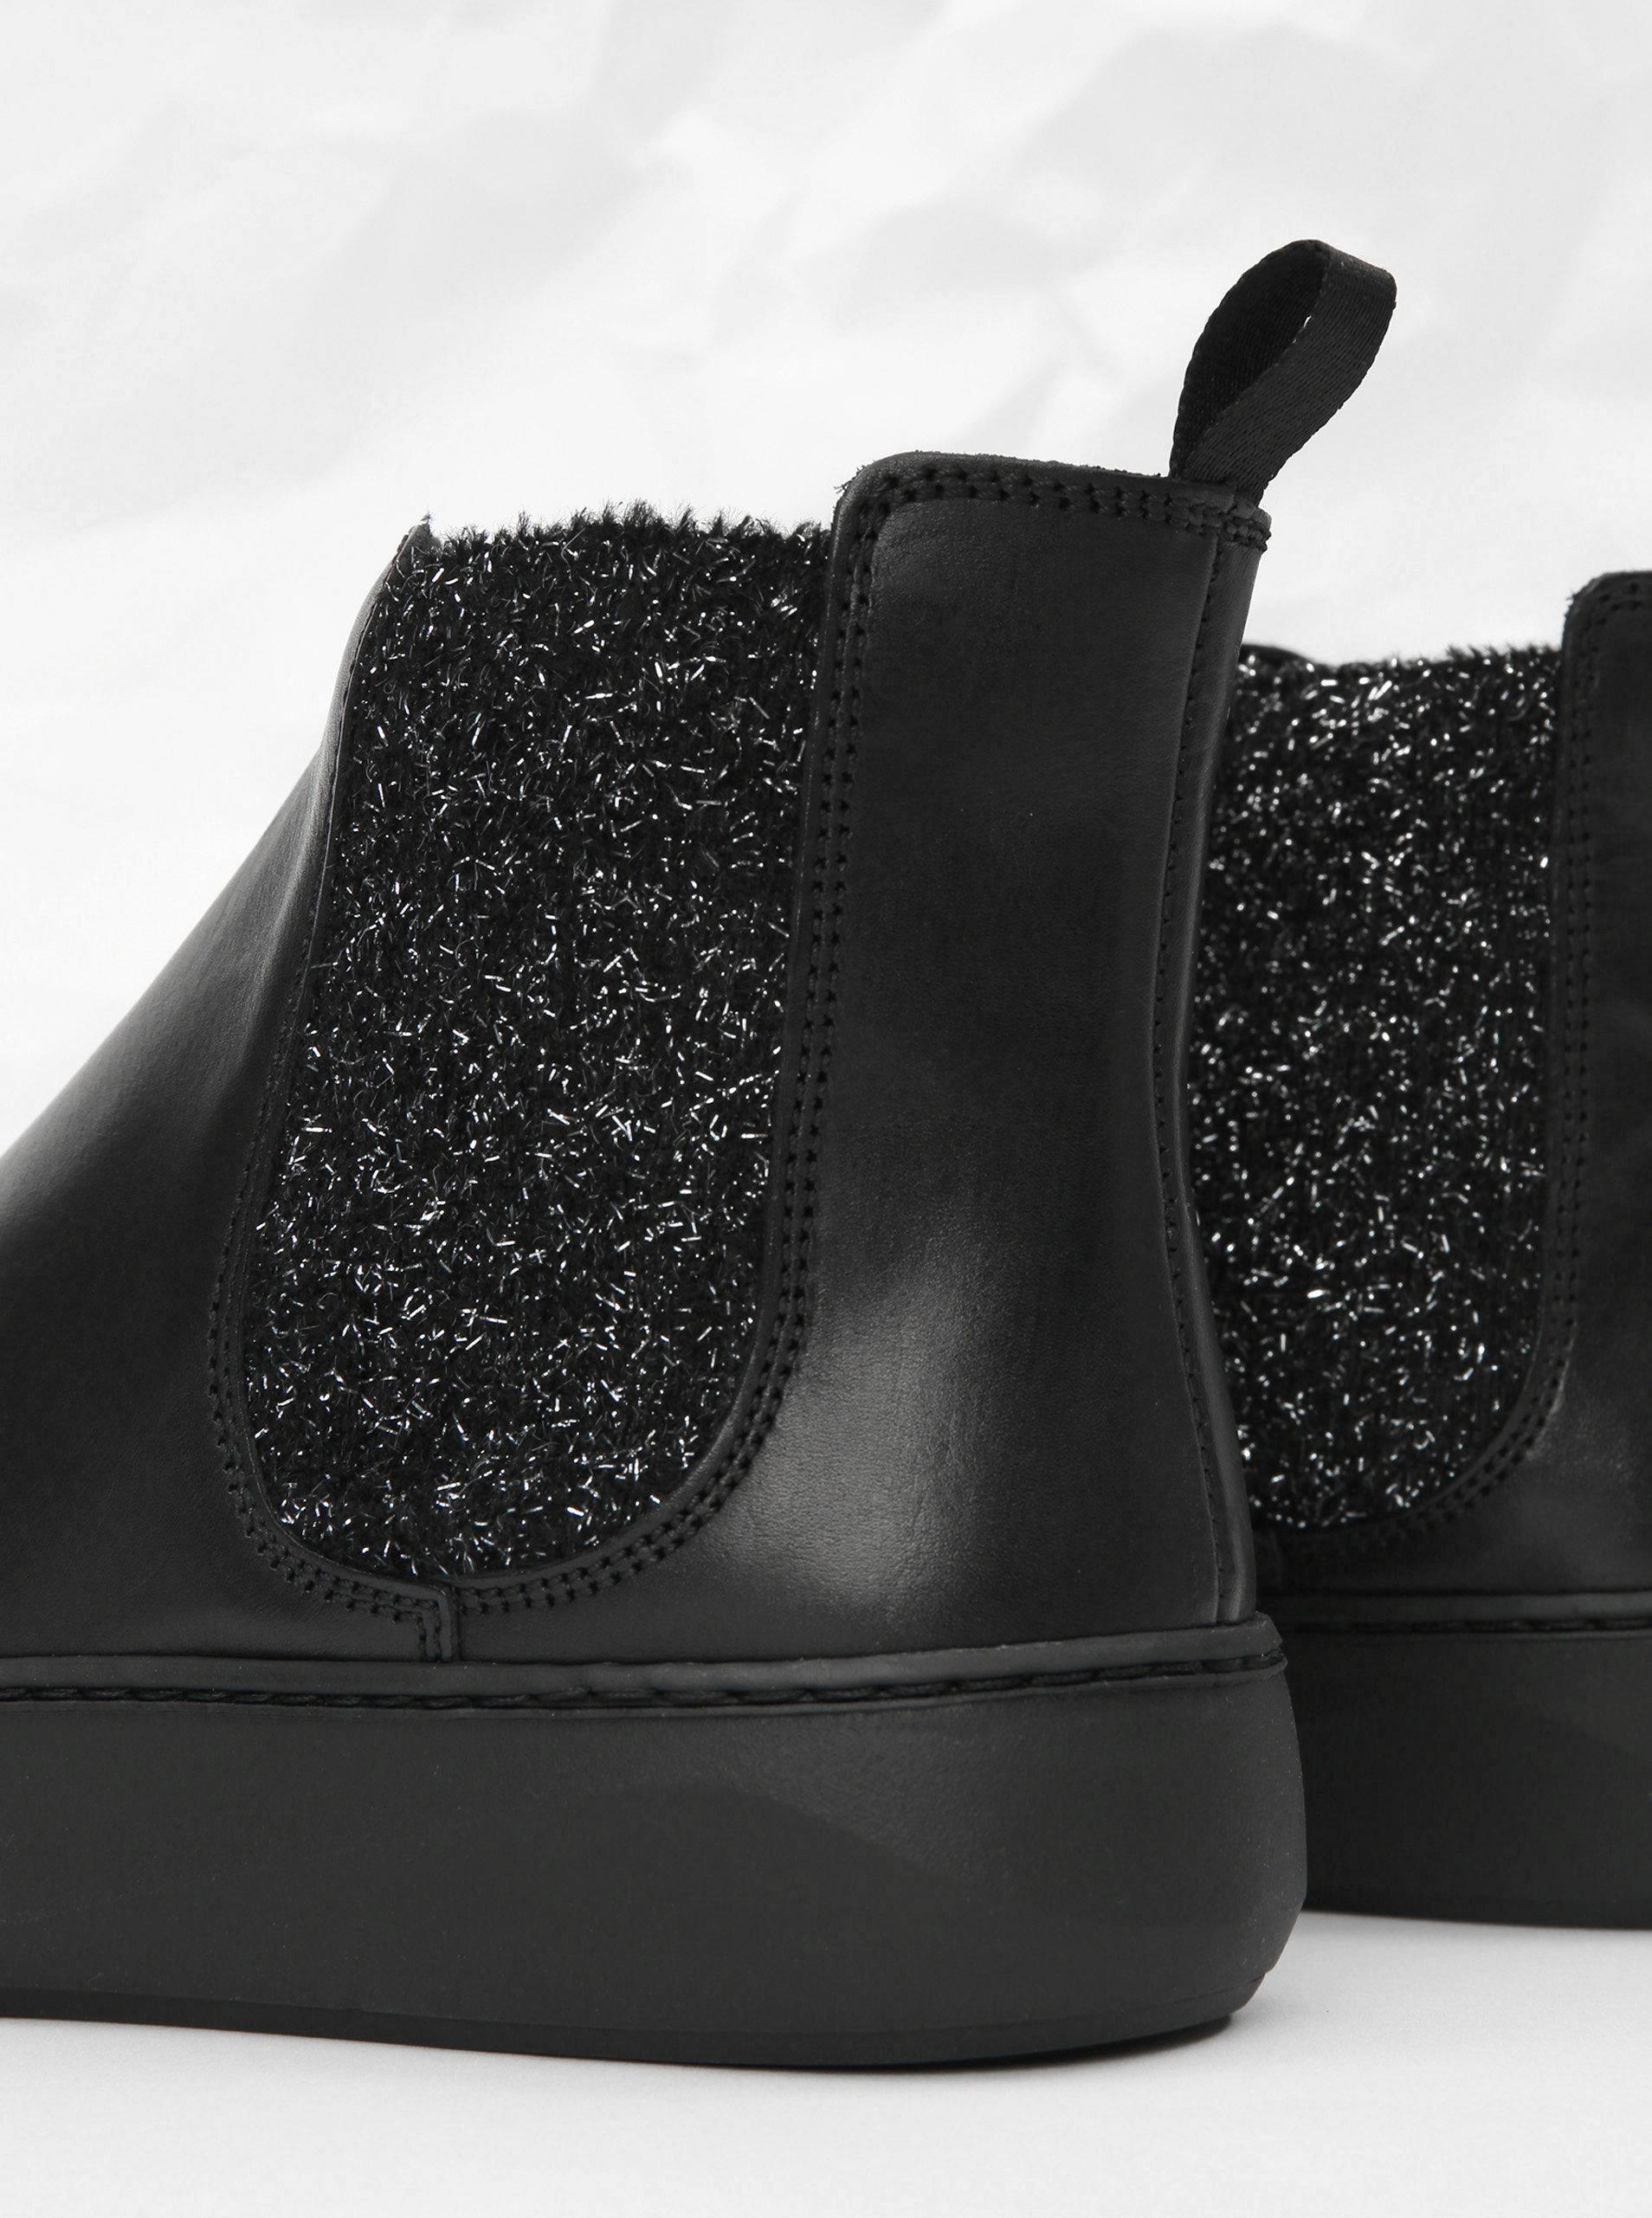 931845bb2c81 Čierne kožené chelsea topánky na platforme s trblietavým detailom Frau  Ferrer ...